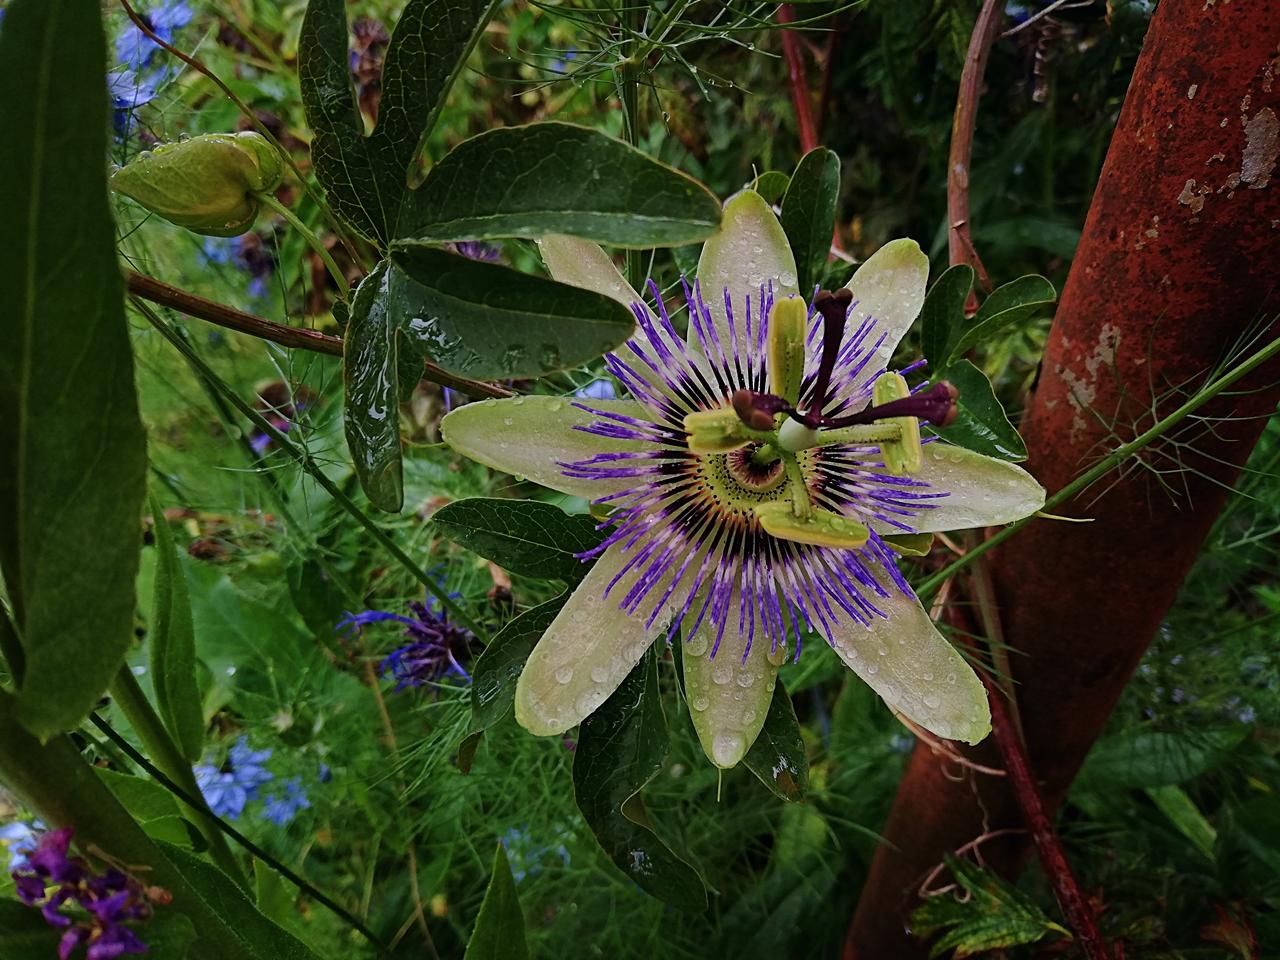 Passionsfrucht - Maracuya, Passiflora edulis